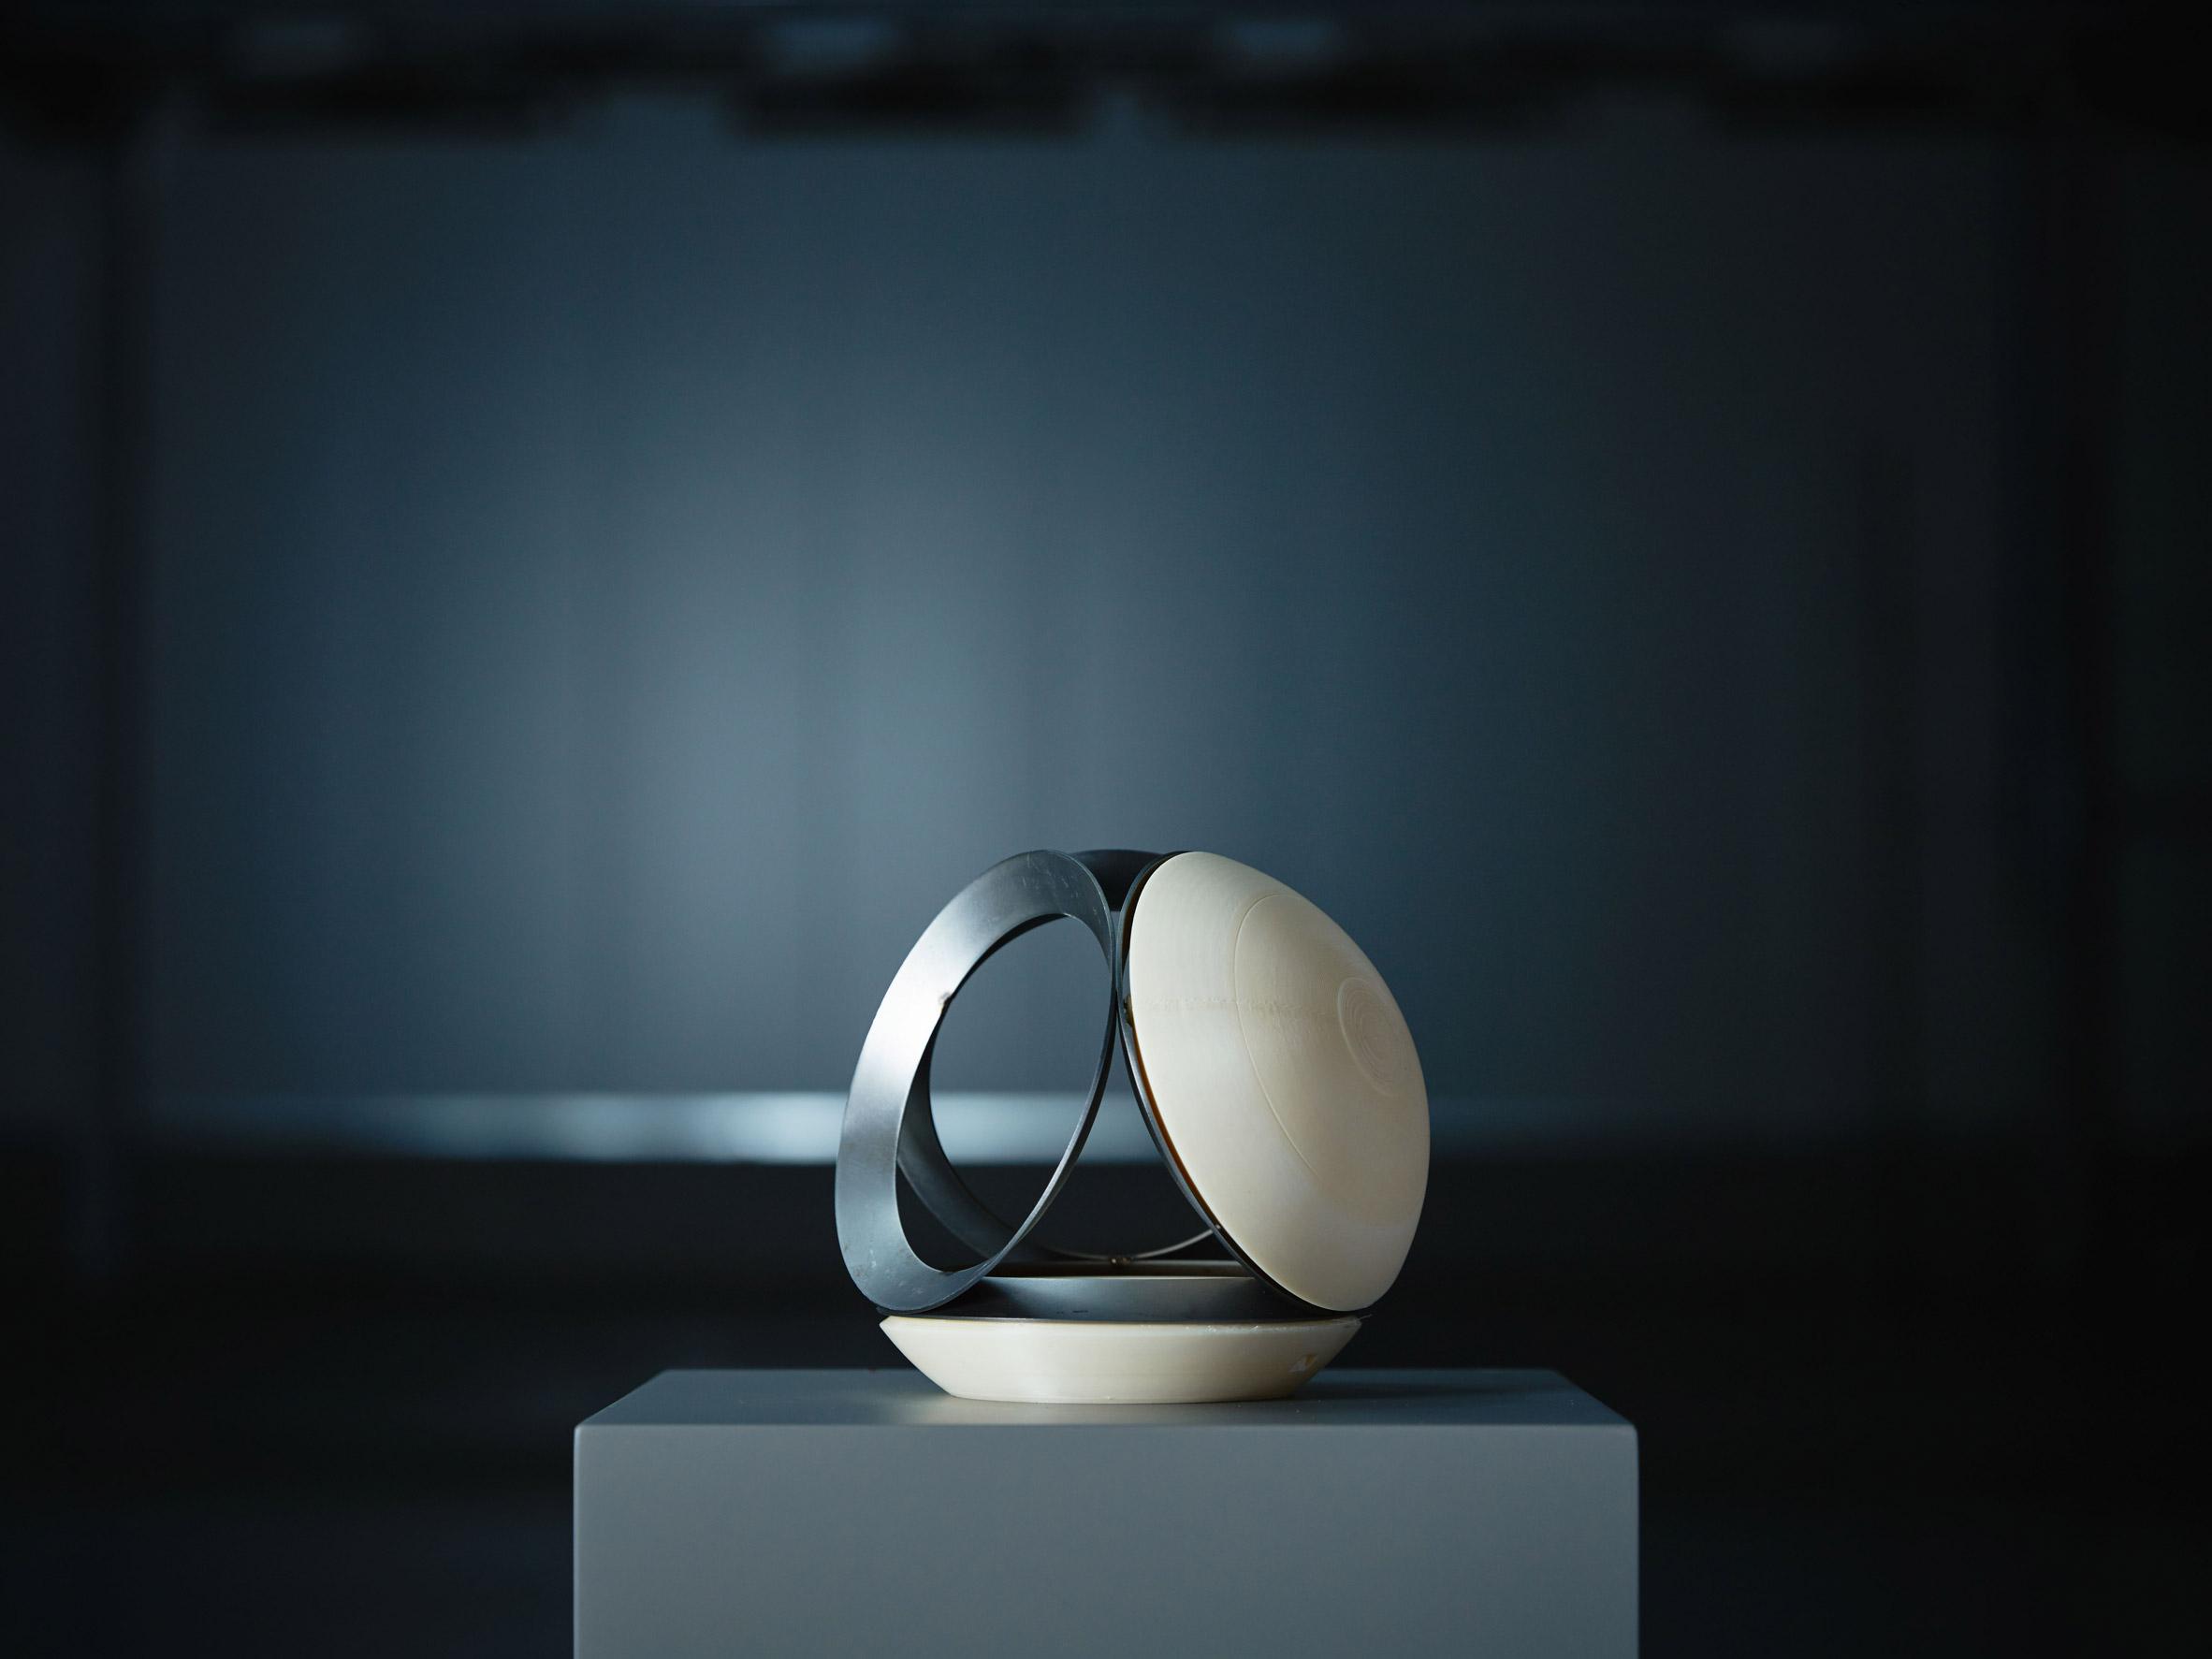 ikea-sammanlankad-design-visual atelier 8-3.jpg